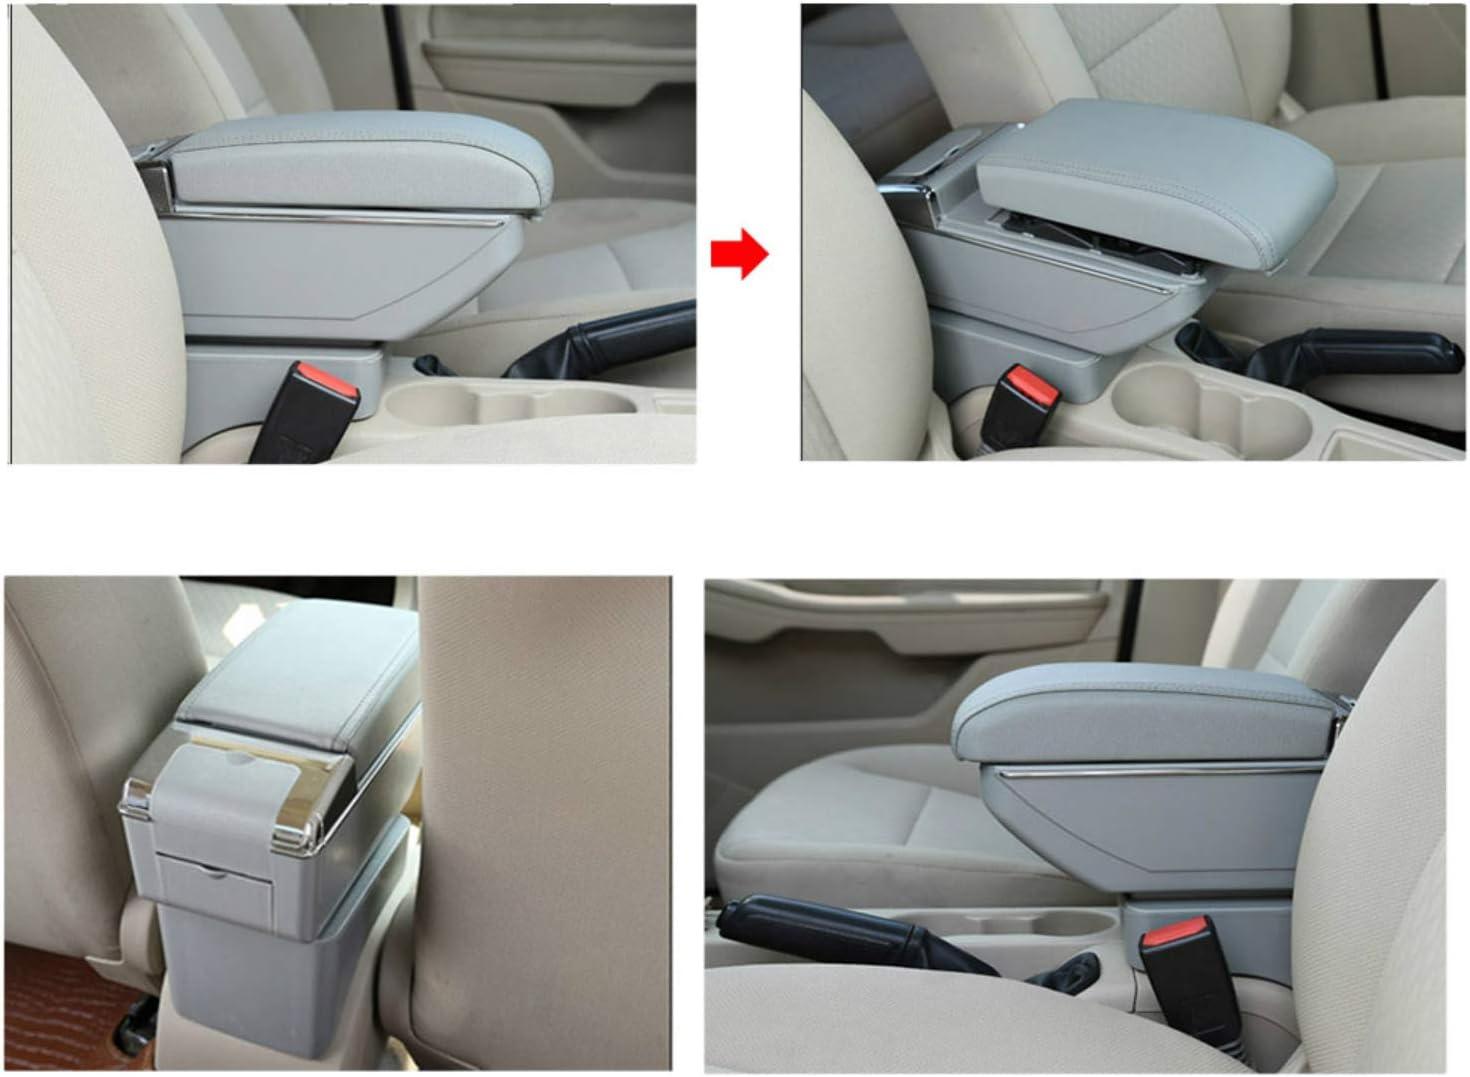 F/ür S uzuki SX4 Luxus Auto Armlehne Mittelarmlehne mittelkonsole Zubeh/ör Eingebaute LED-Licht Schwarz